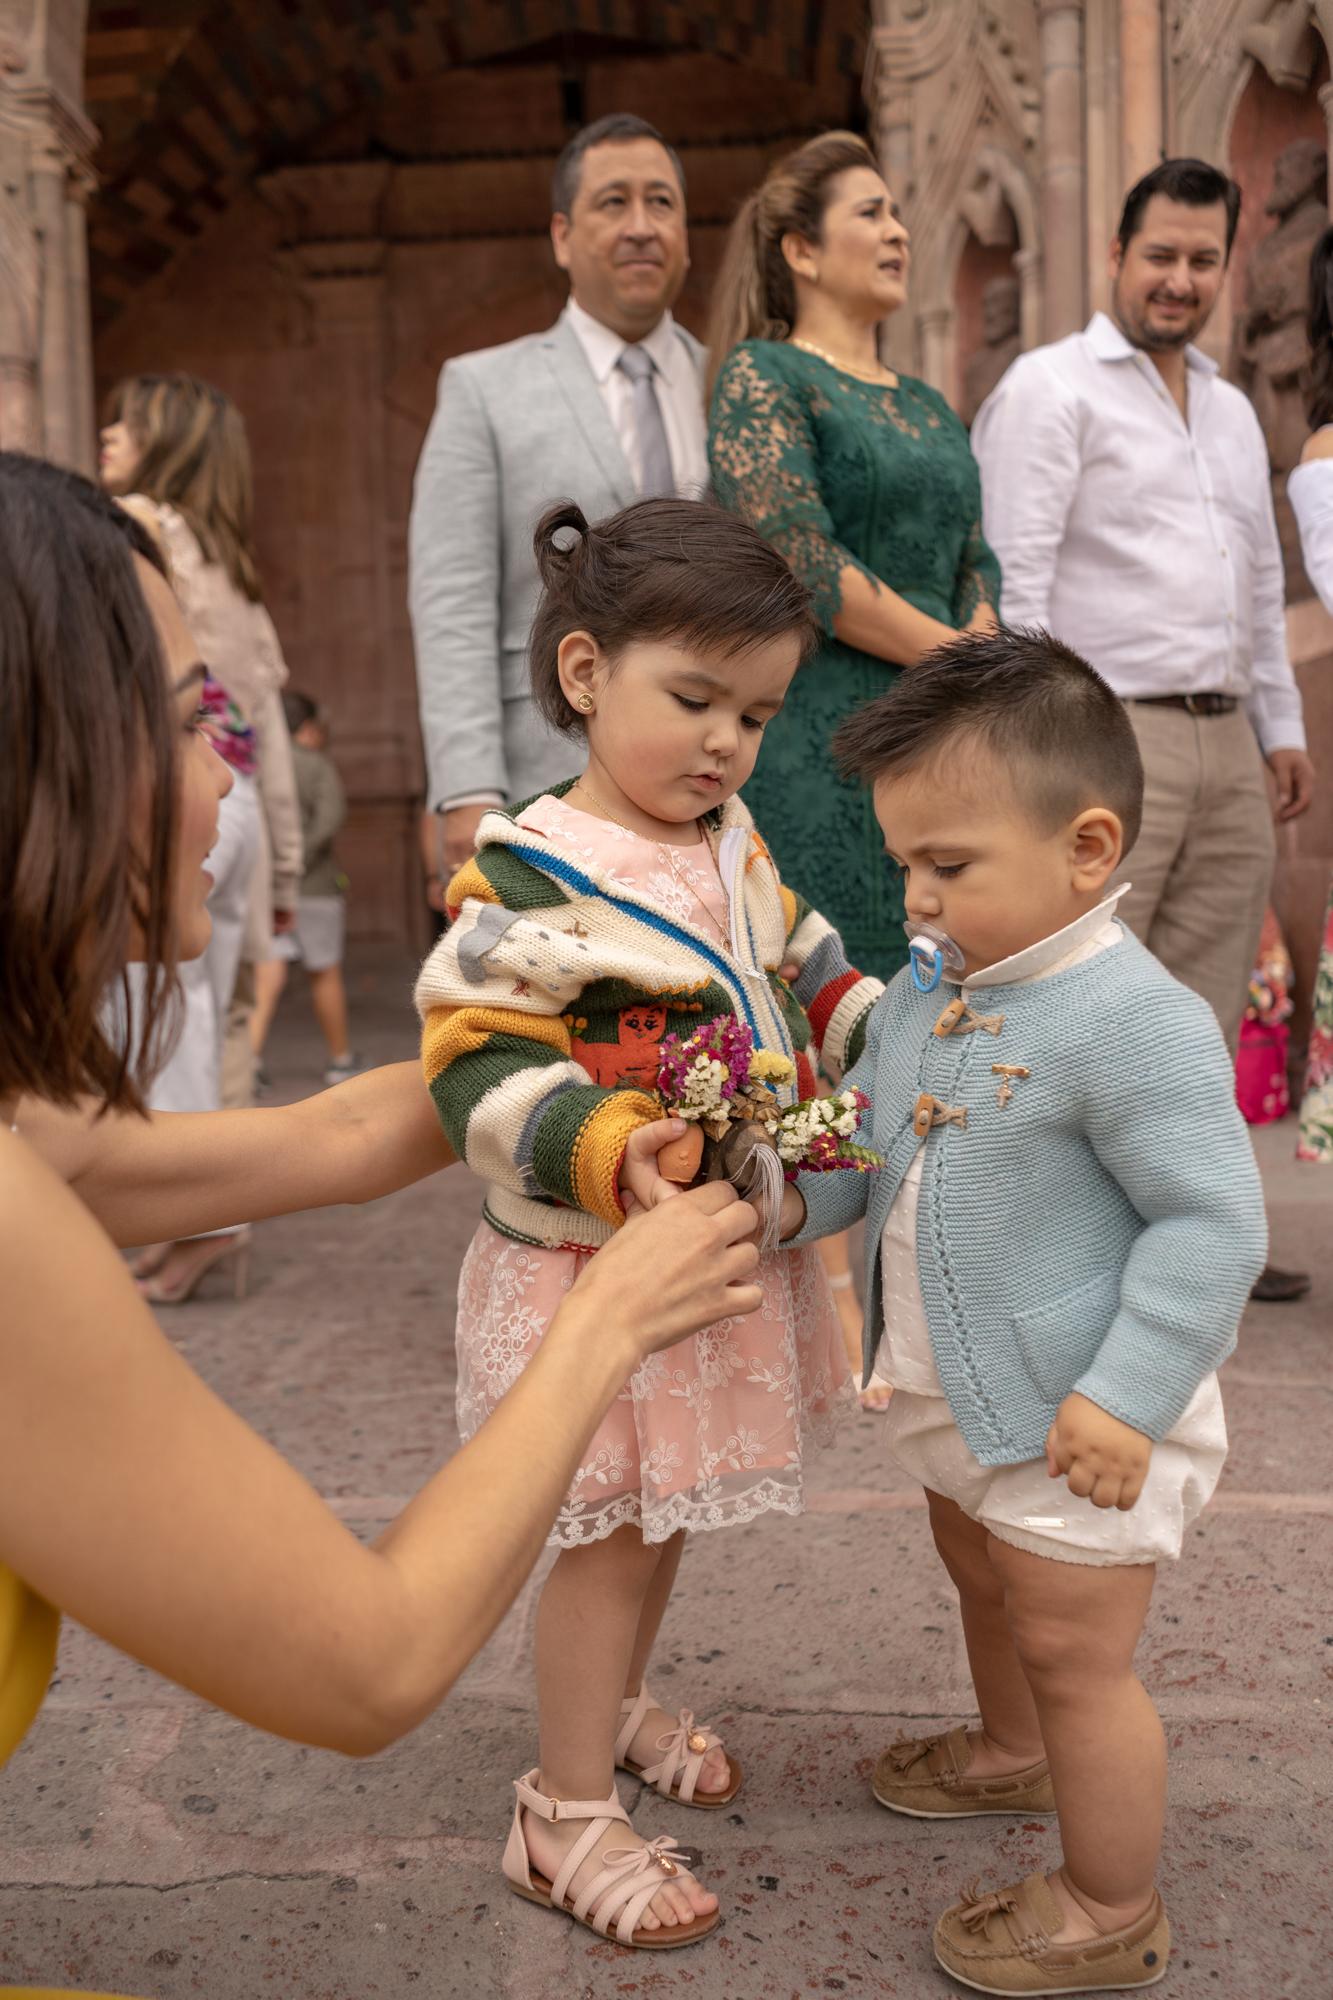 Sesion de Fotos en Rosewood San Migue de Allende del Bautizo de Alfonso-4.jpg